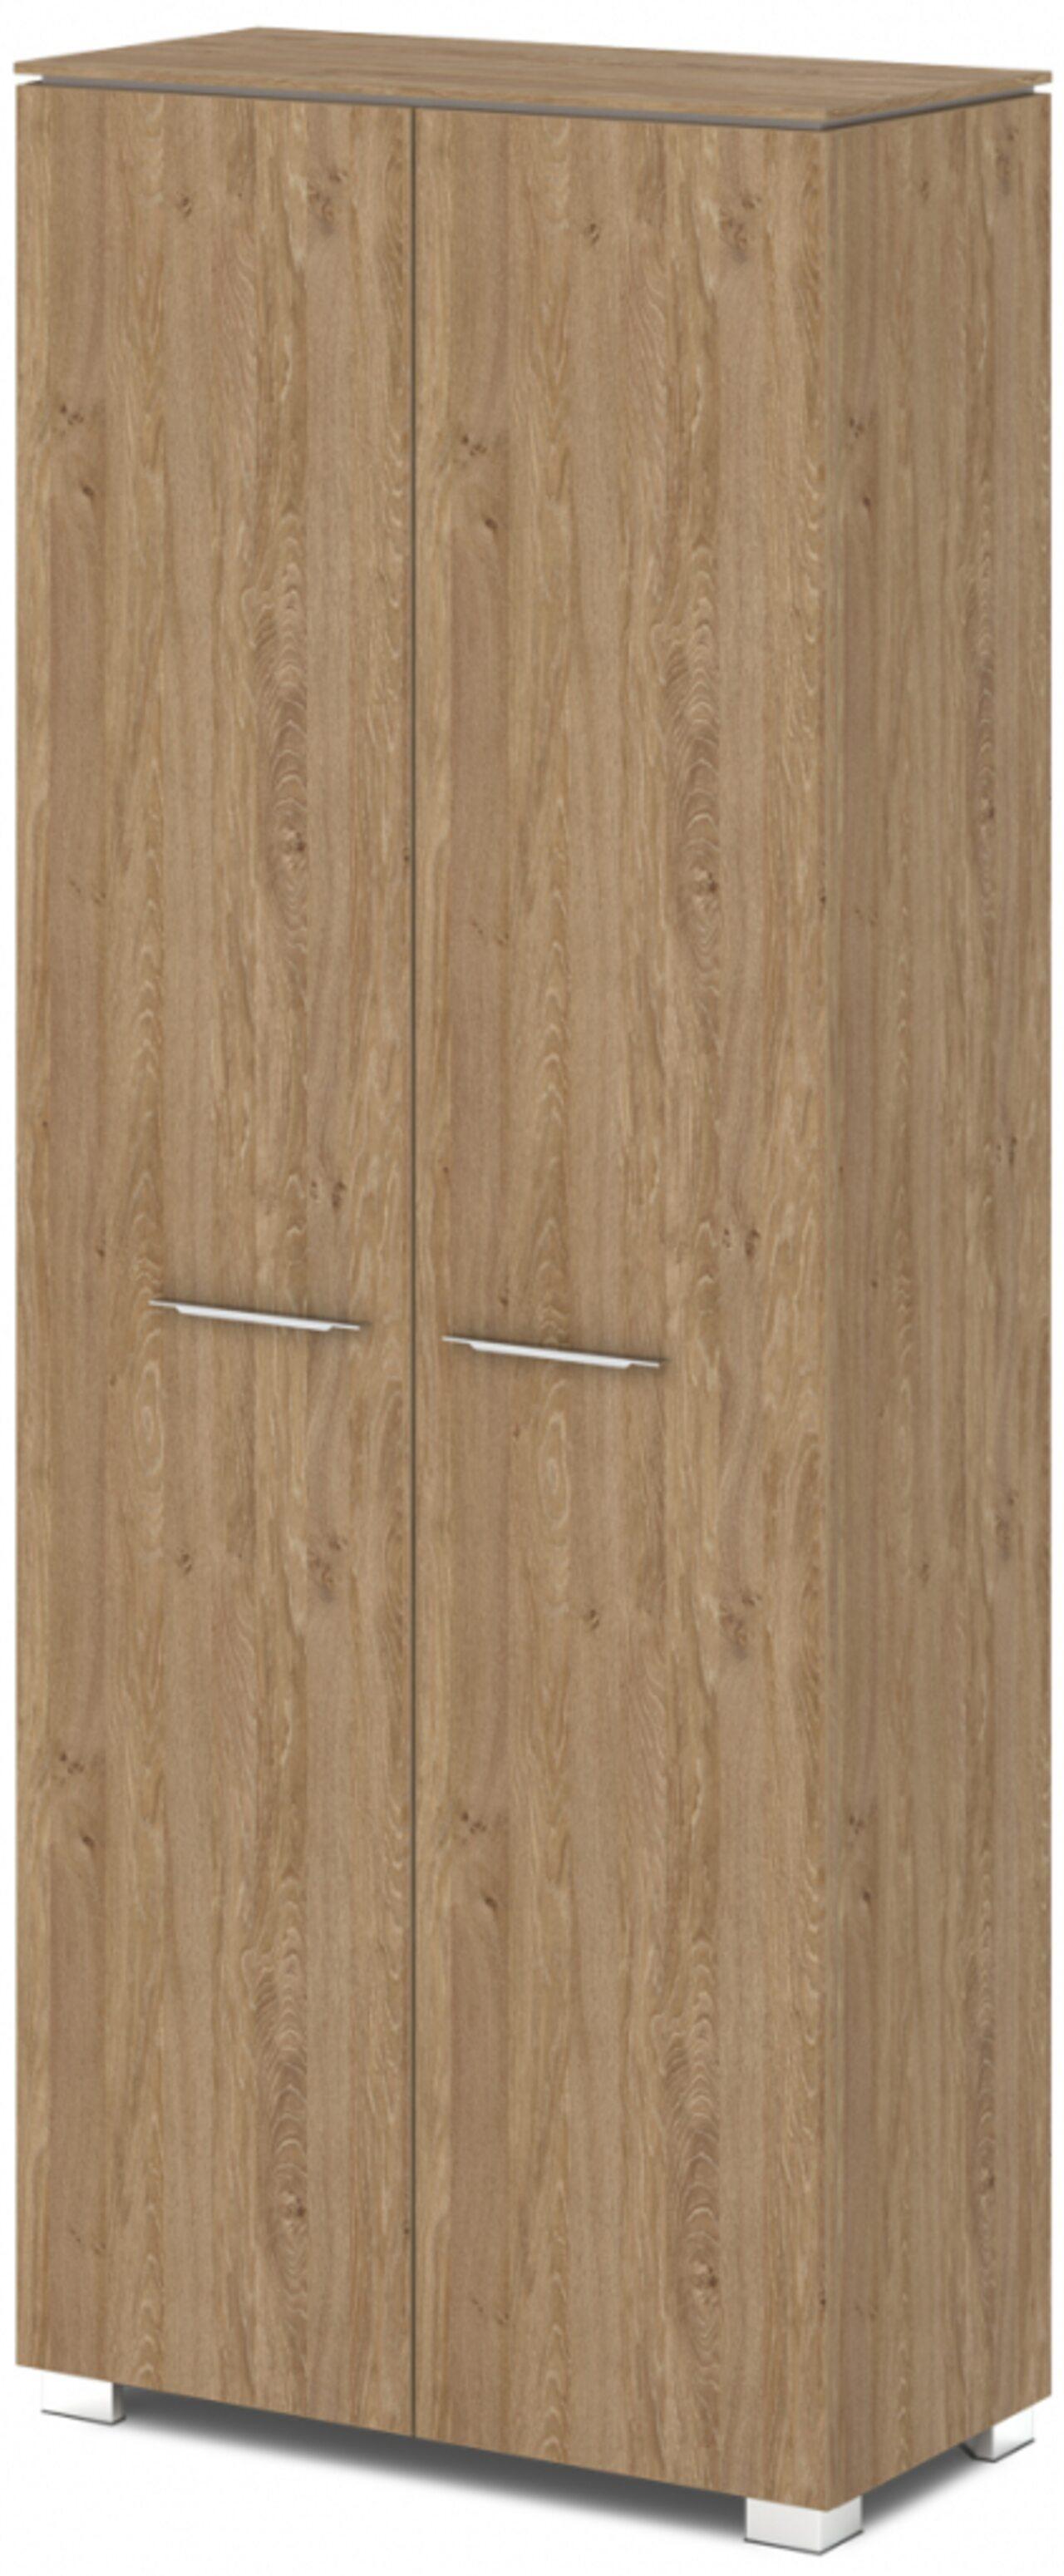 Шкаф для одежды комбинированный - фото 4